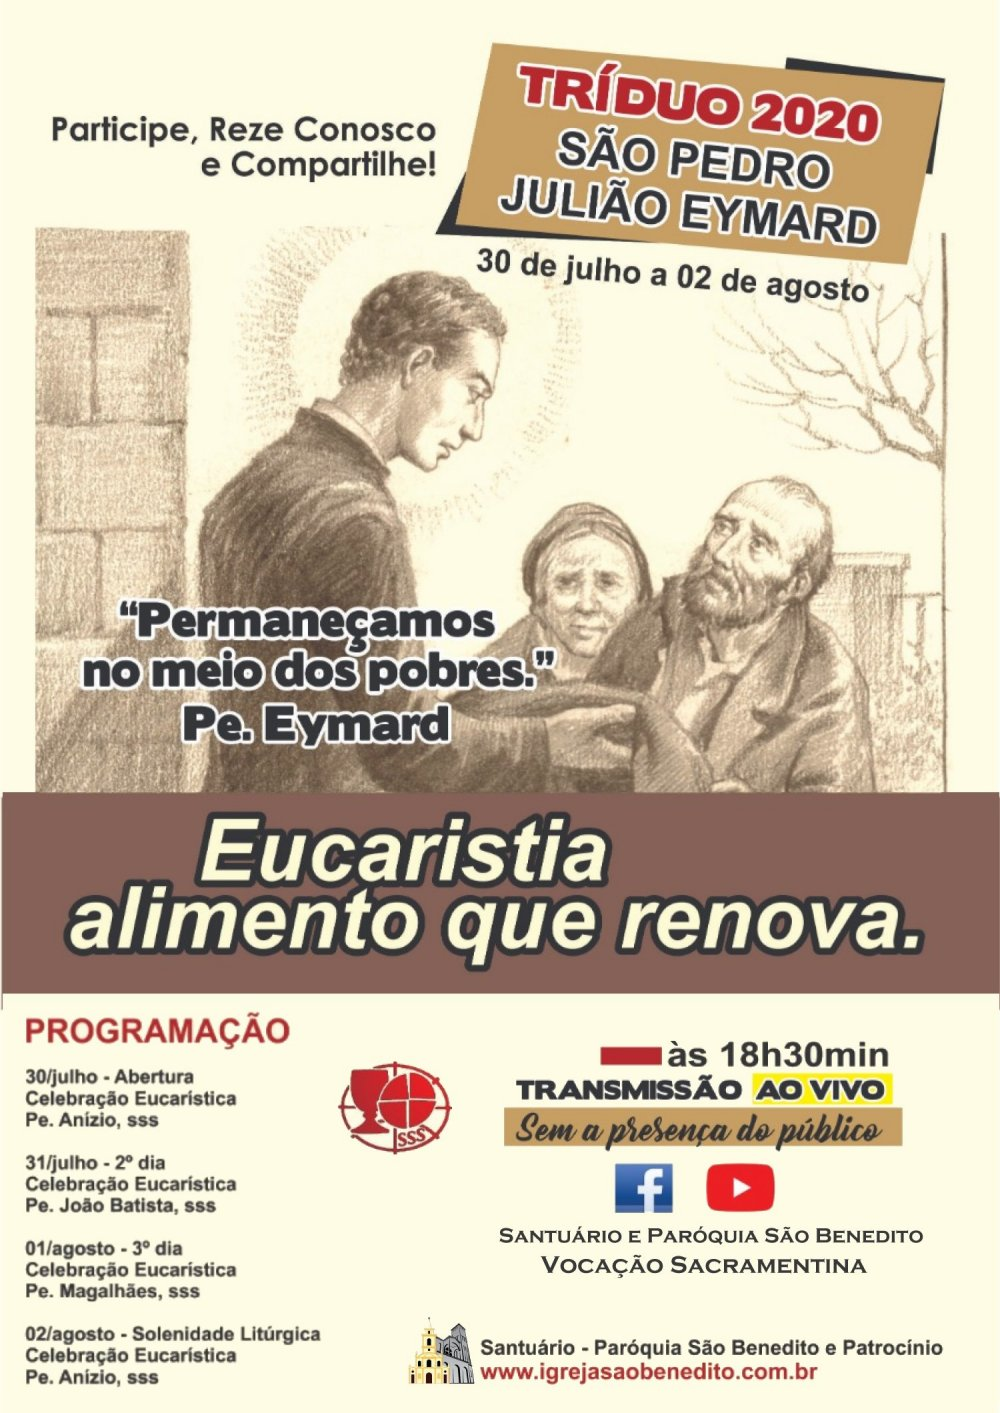 Tríduo e Festa de São Pedro Julião Eymard de 30/07 a 02/08 com transmissão ao vivo. Participe!